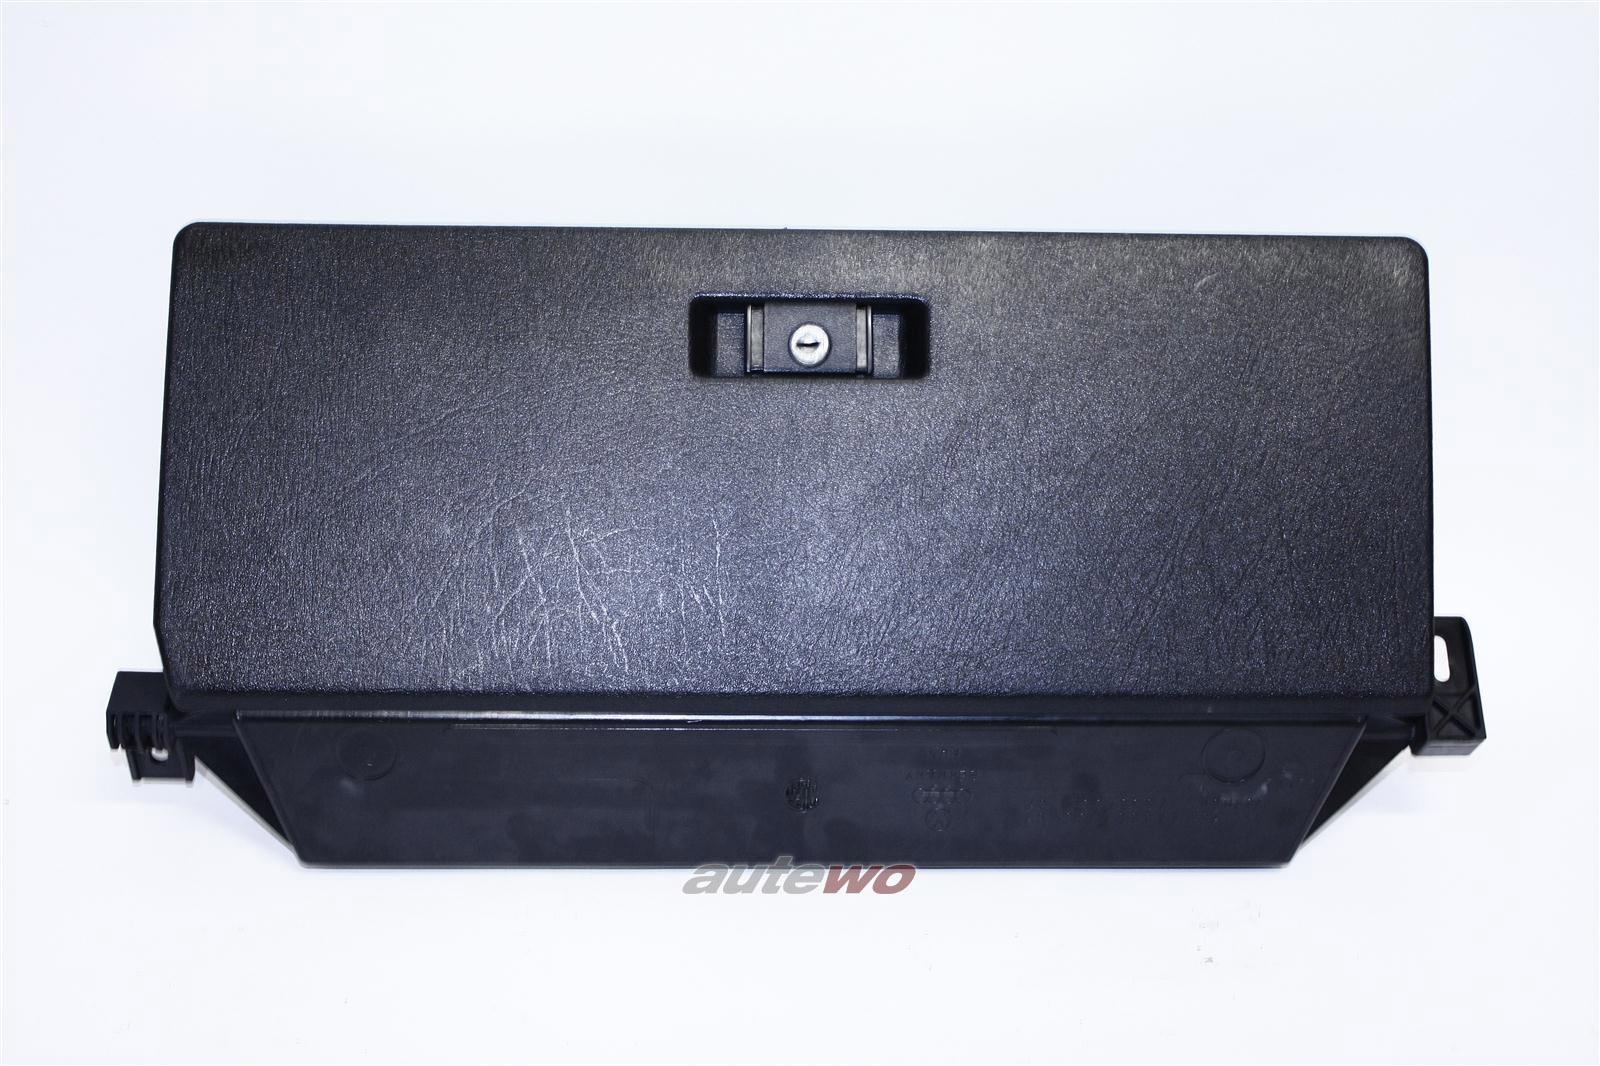 Audi 100/200 Typ 44 Handschuhfach 01C Schwarz 443857035